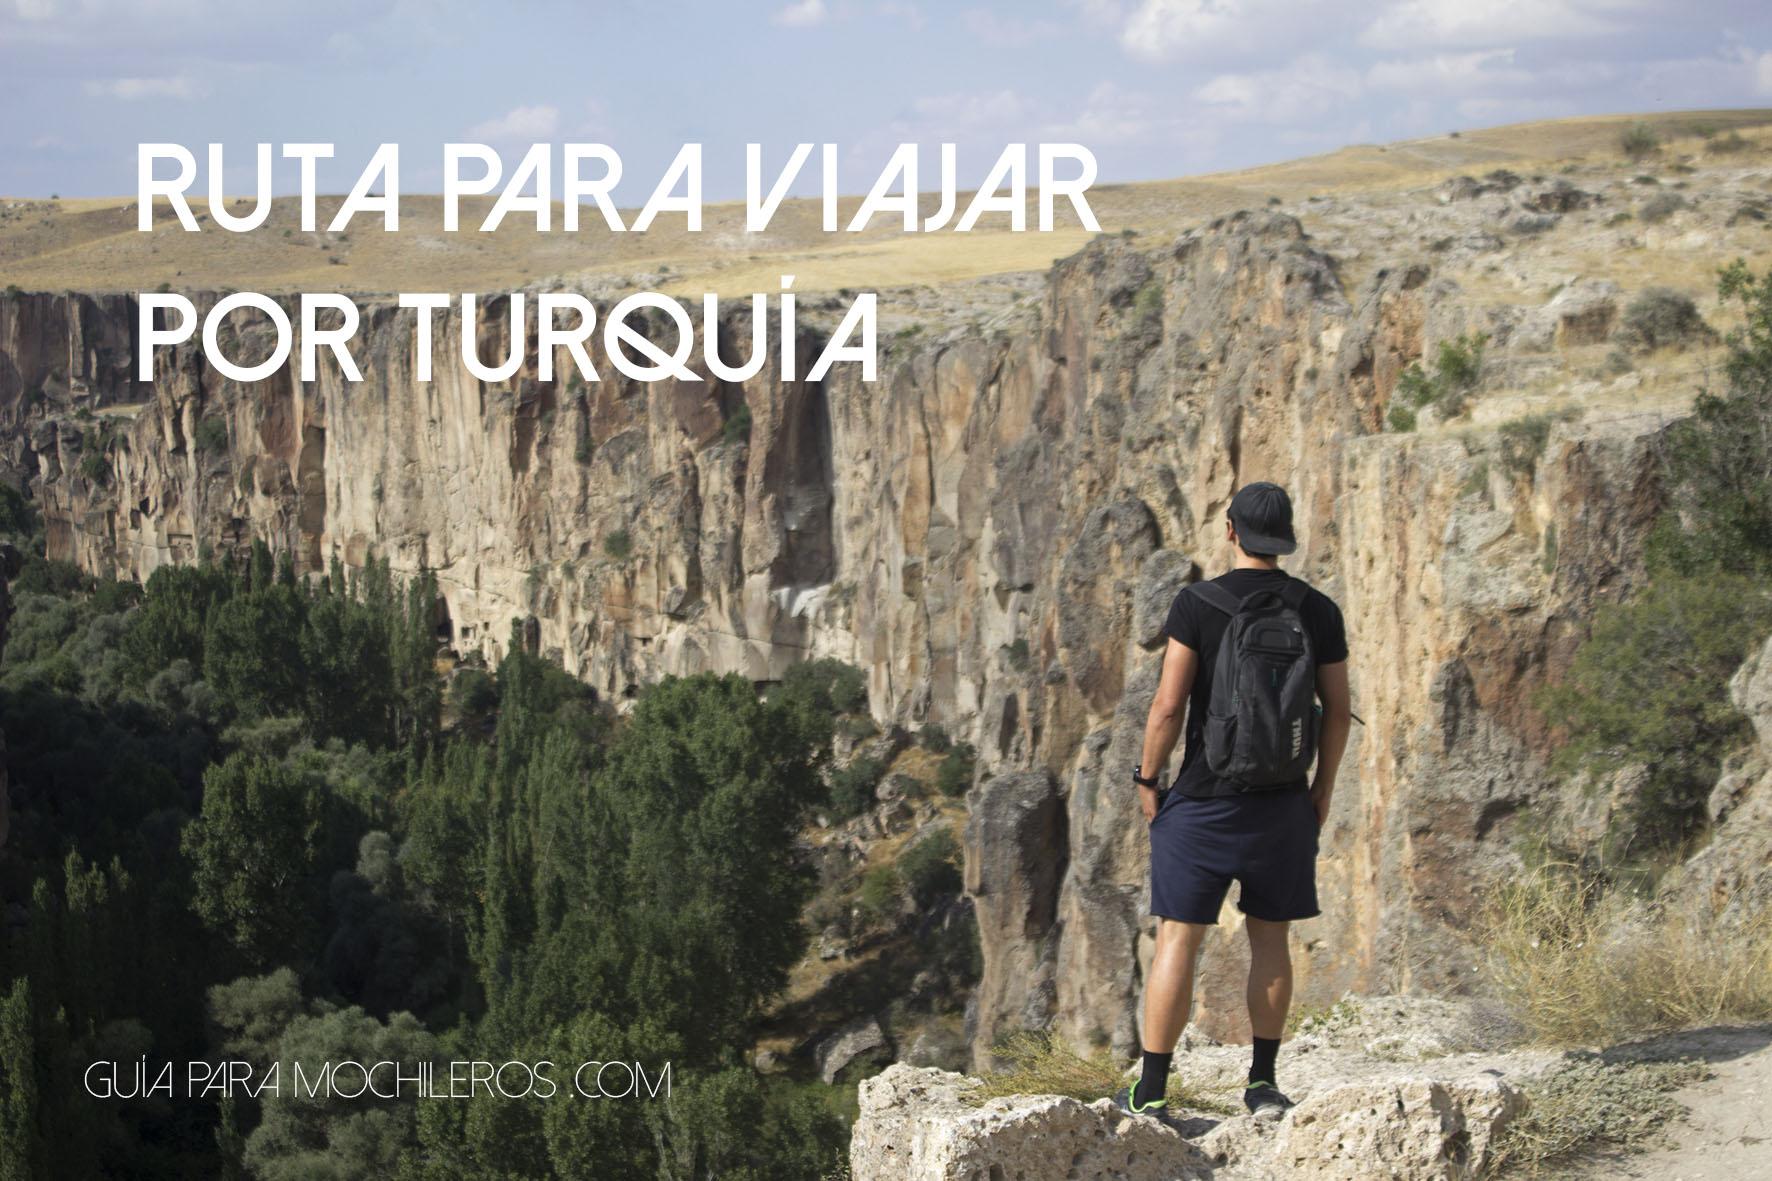 Ruta para viajar por Turquía